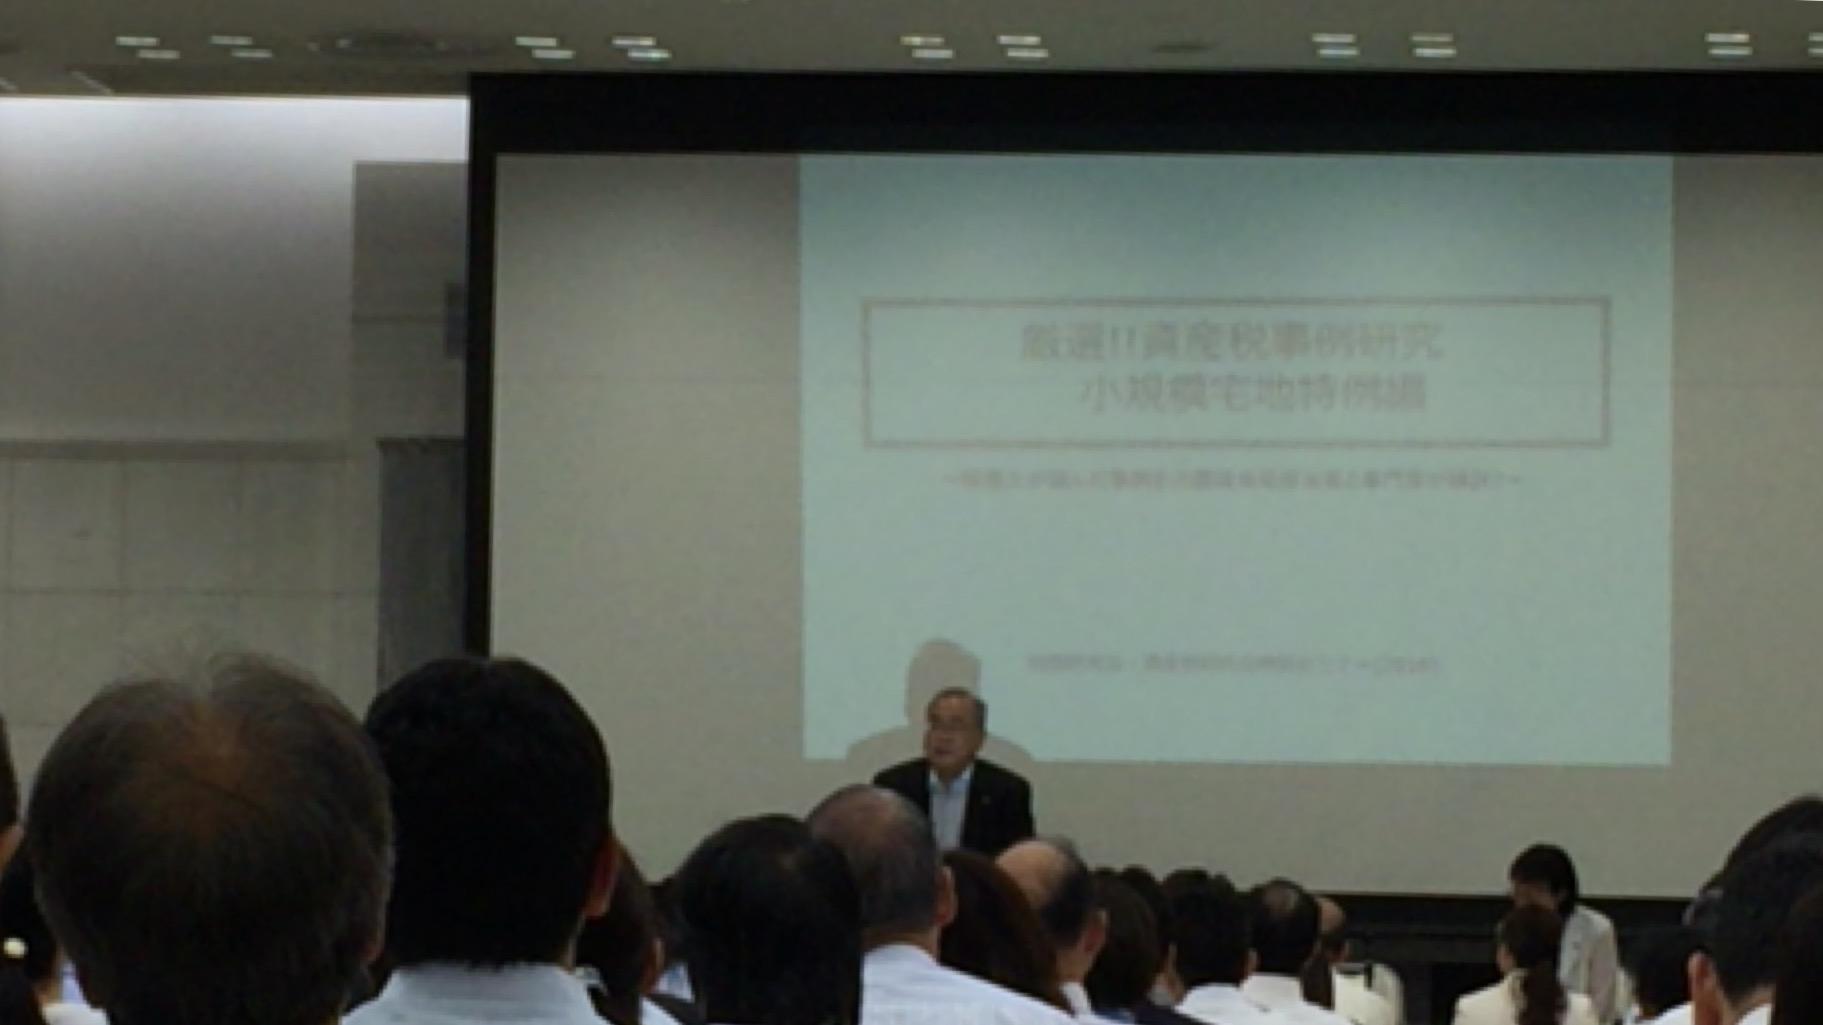 税務研究会様講演東京会場、そしてベビーリーフの栽培_d0054704_2143926.jpg